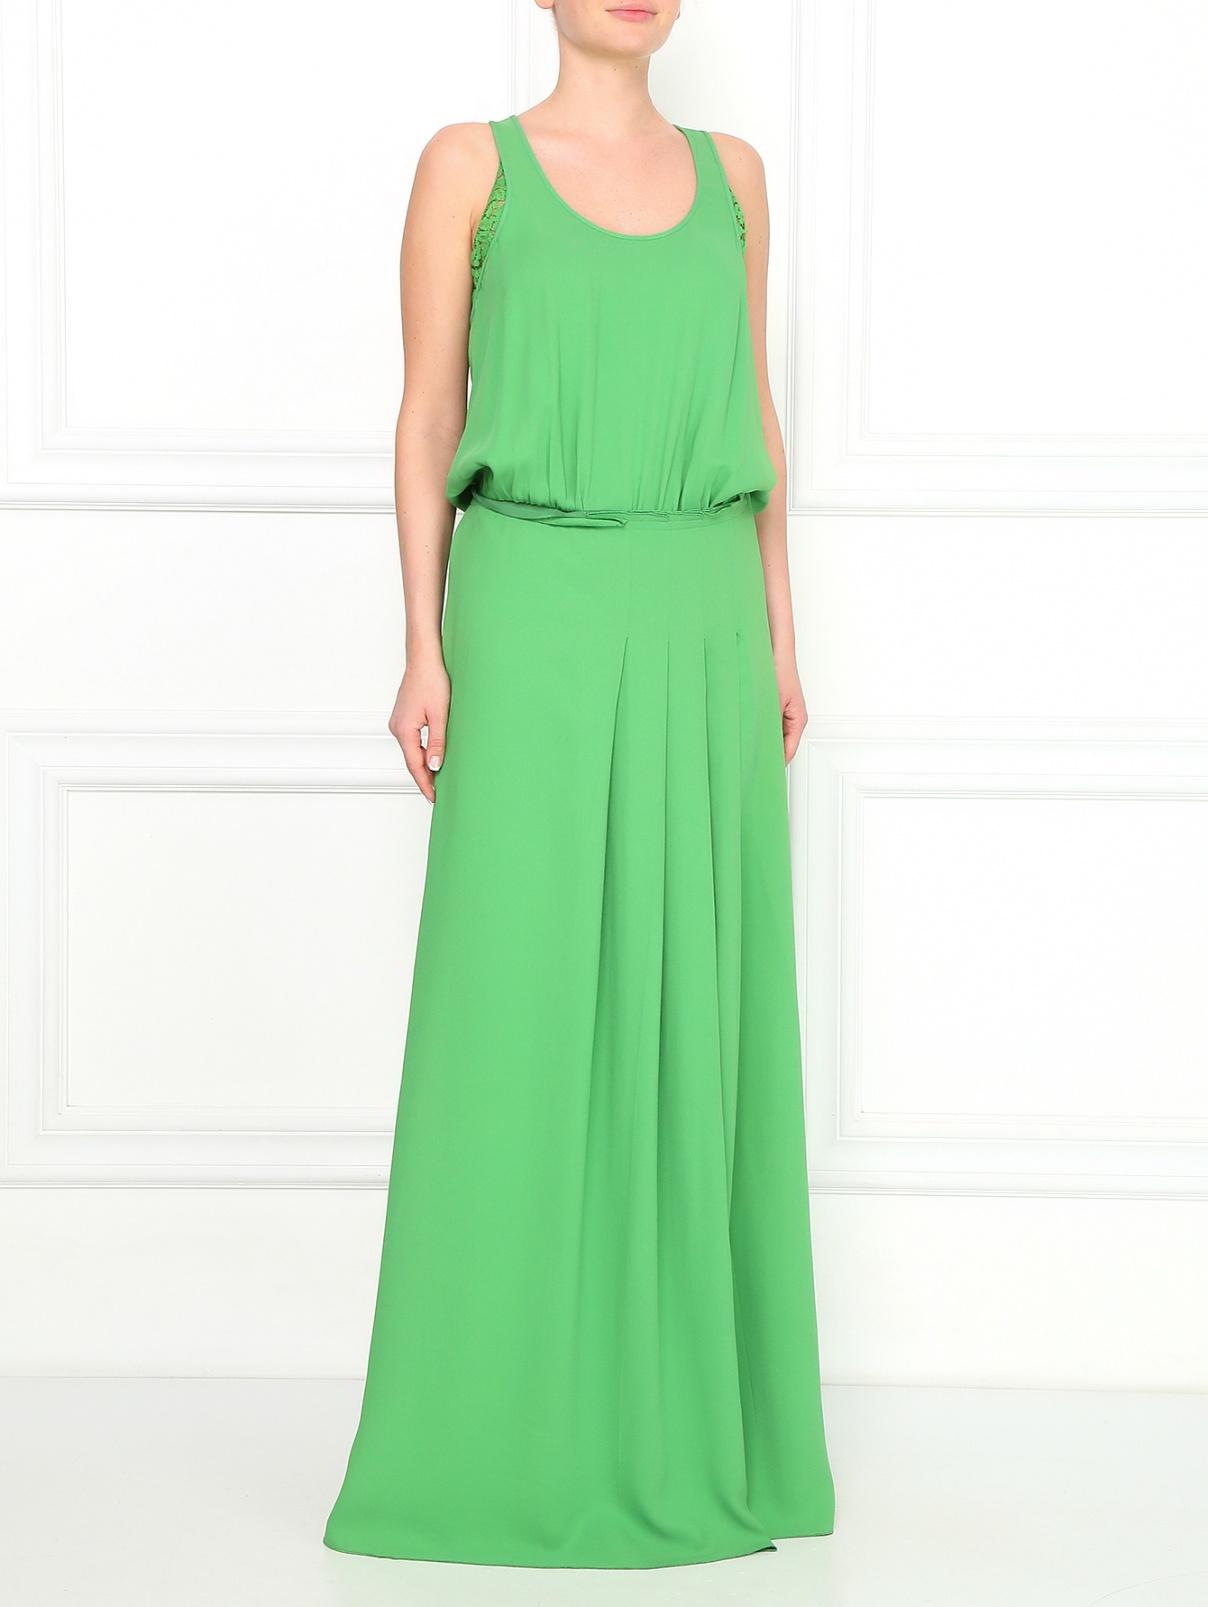 Платье-макси с вставками из кружева N21  –  Модель Общий вид  – Цвет:  Зеленый